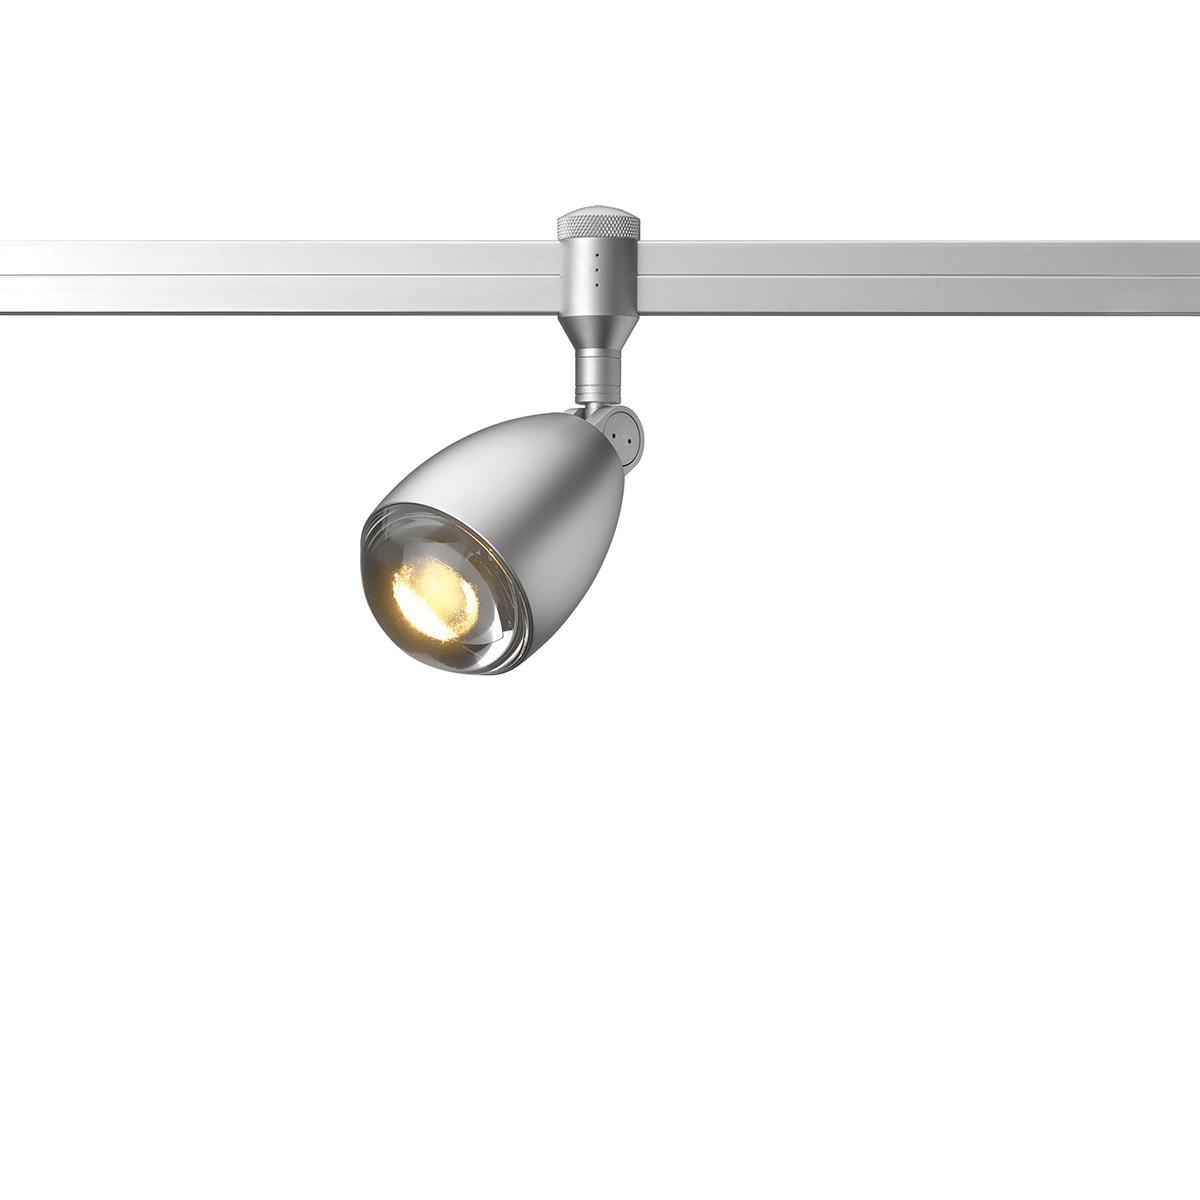 Oligo CHECK-IN Rocket LED Strahler, Chrom matt